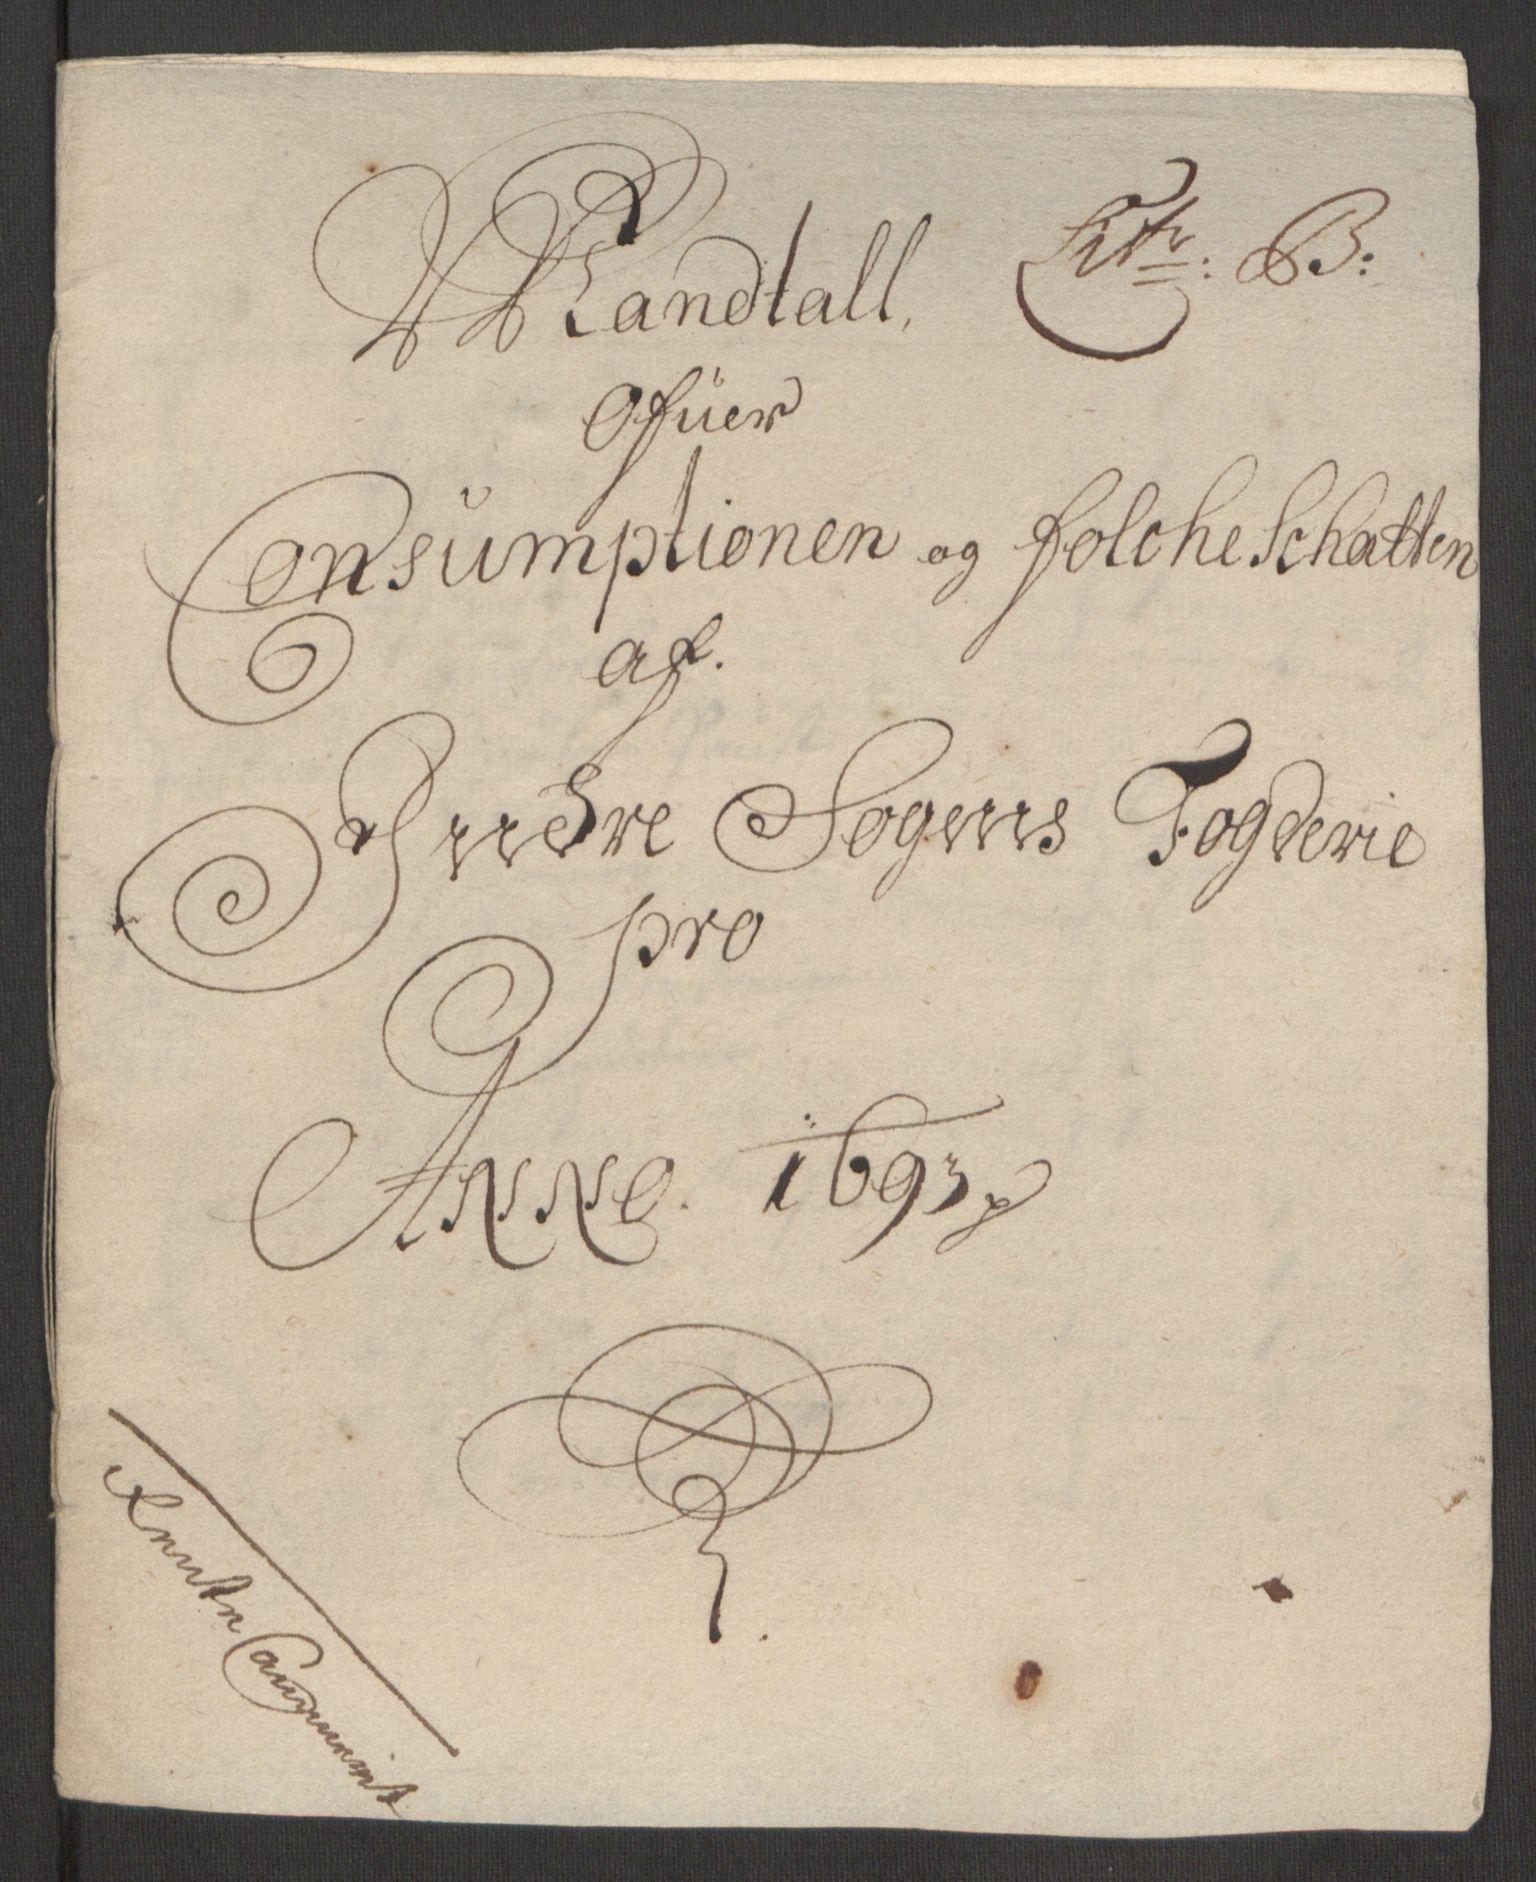 RA, Rentekammeret inntil 1814, Reviderte regnskaper, Fogderegnskap, R52/L3307: Fogderegnskap Sogn, 1693-1694, s. 37